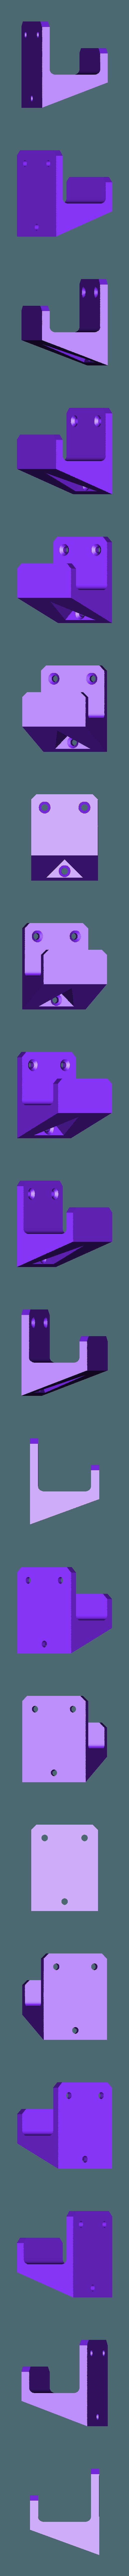 holder.stl Télécharger fichier STL gratuit Crochet robuste (licou) • Plan pour imprimante 3D, medmakes